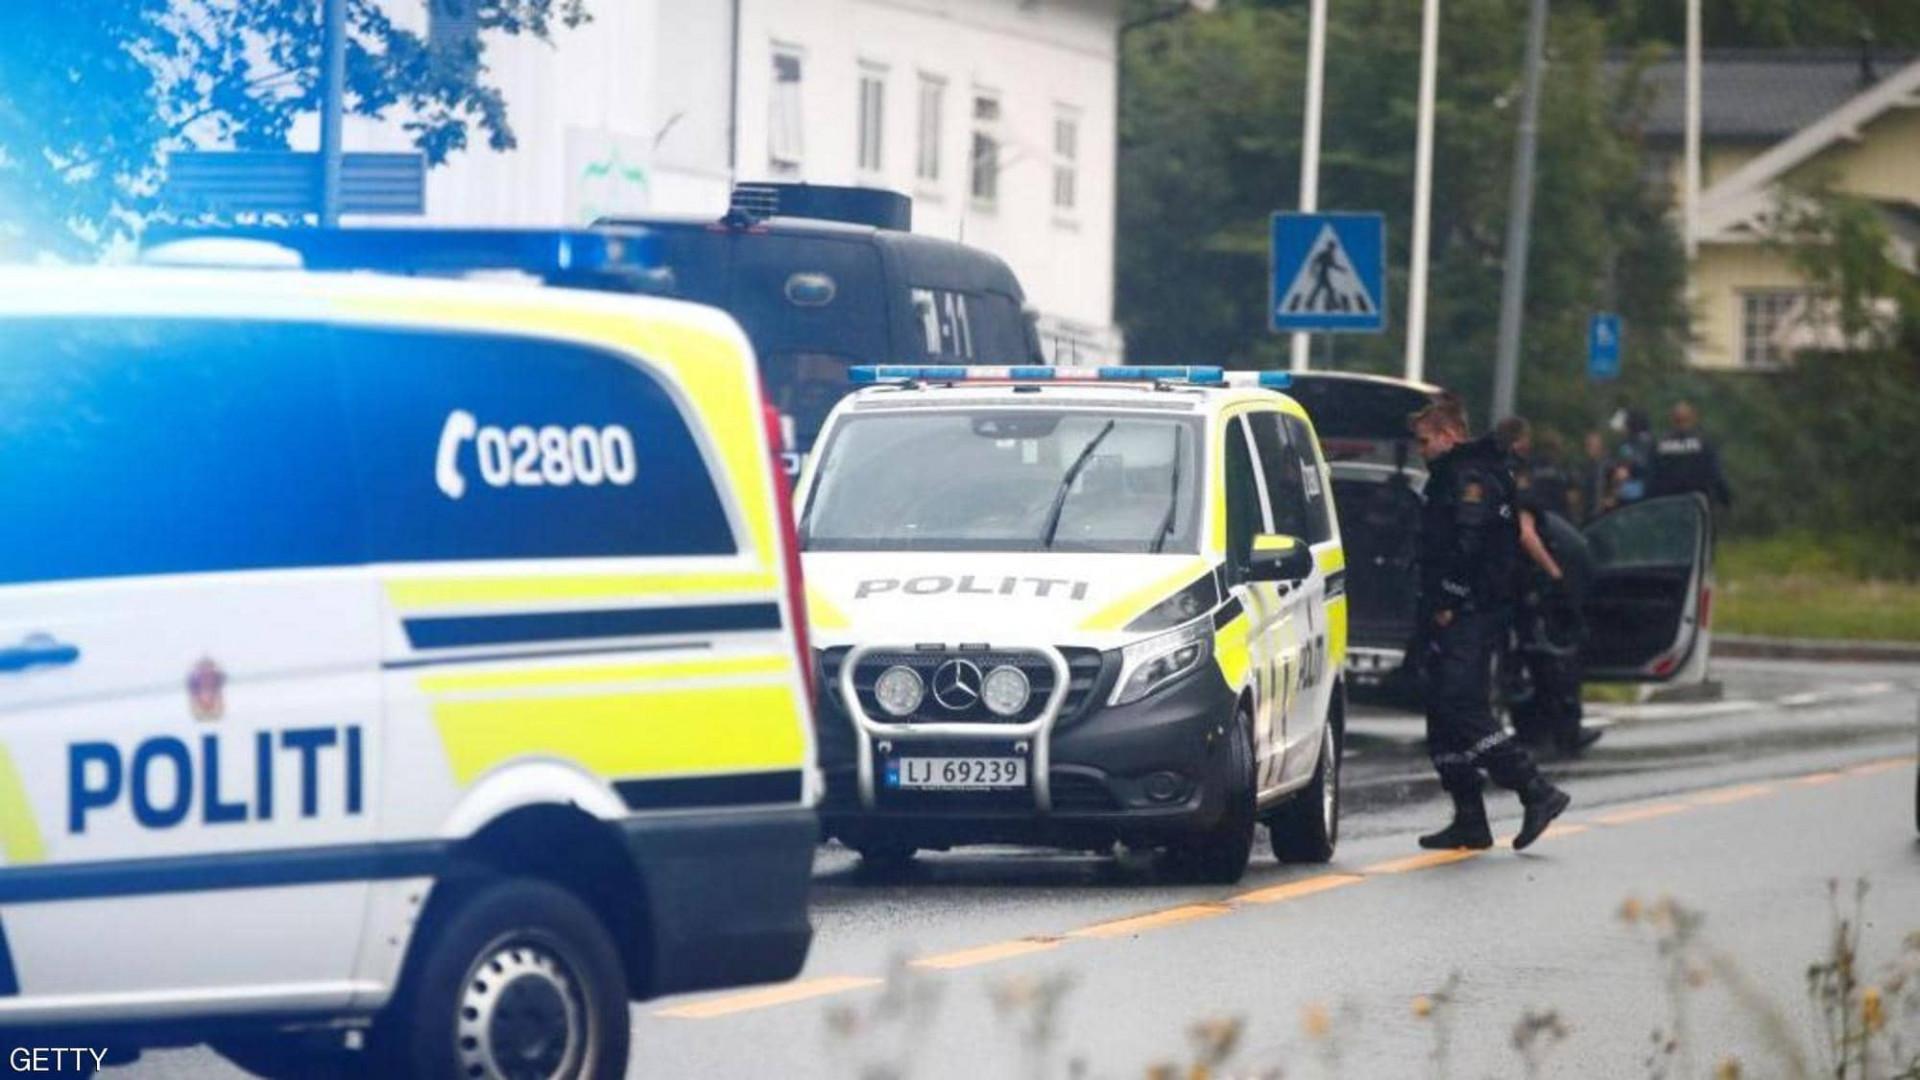 بالقوس والسهم.. رجل يقتل ويصيب عددا من الأشخاص في النرويج